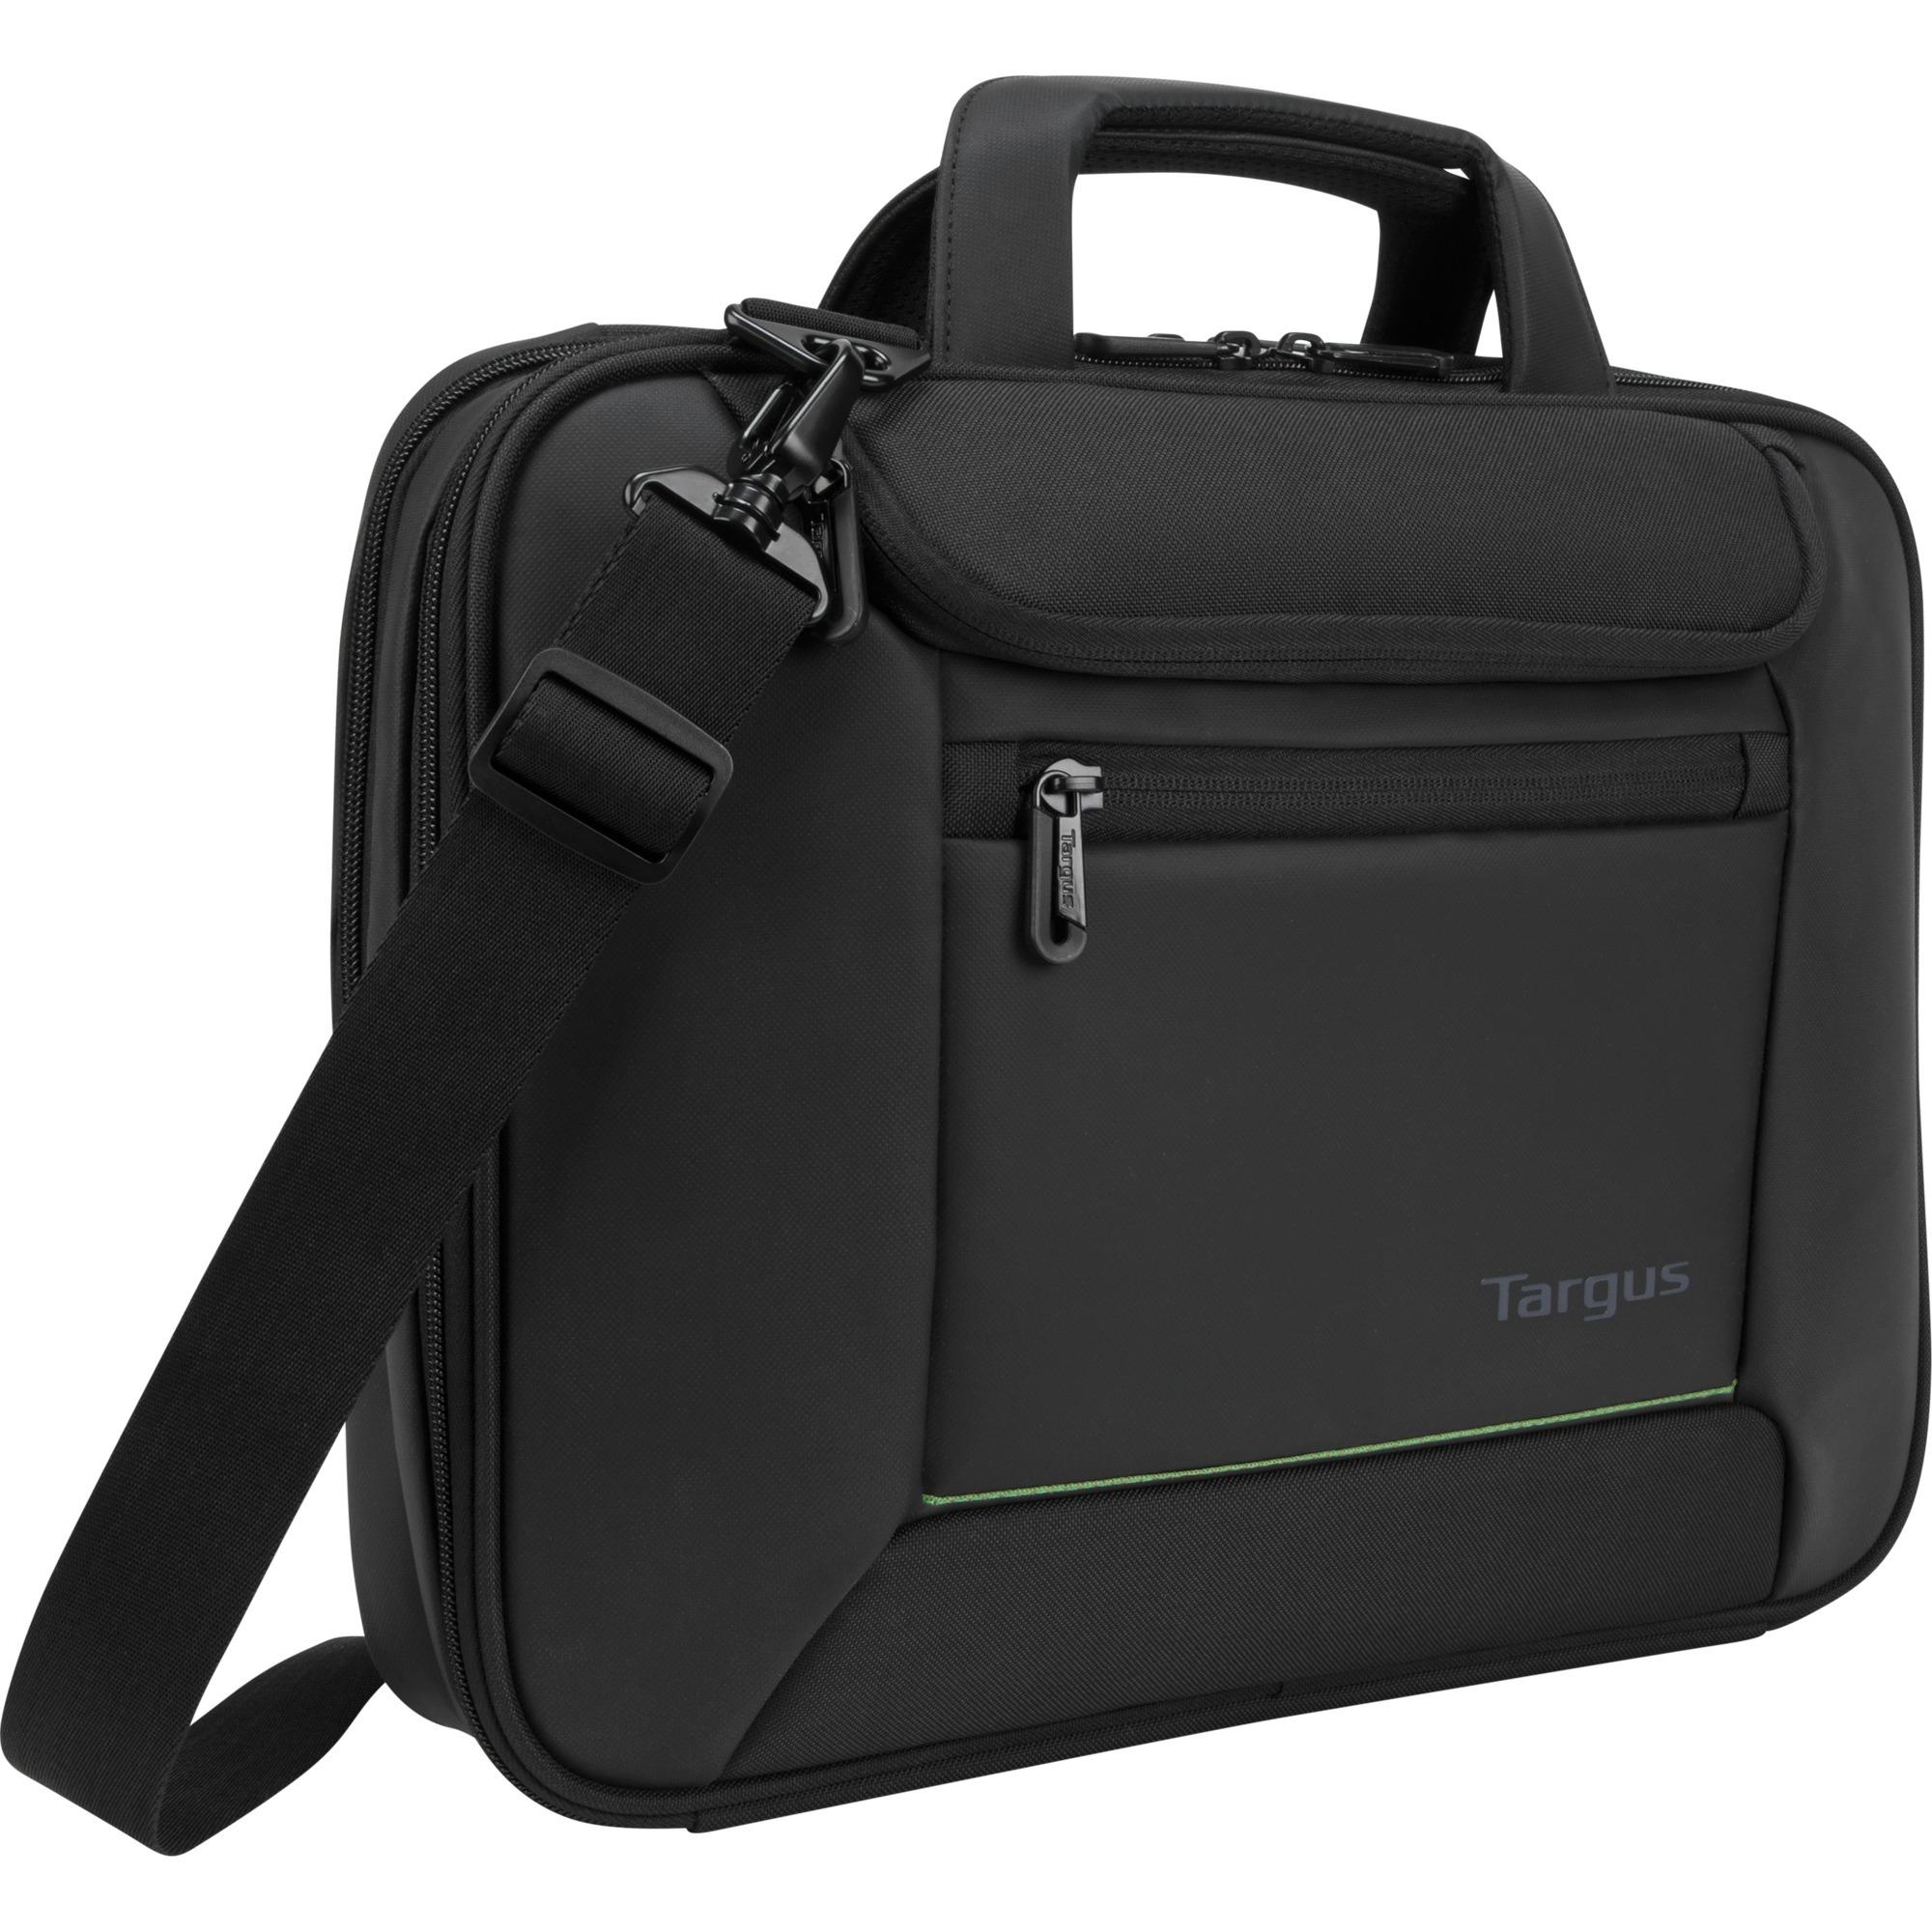 1d32102b0fa Targus EcoSmart Notebooktasche 14 schwarz (matt), bis 35,6 cm (14)